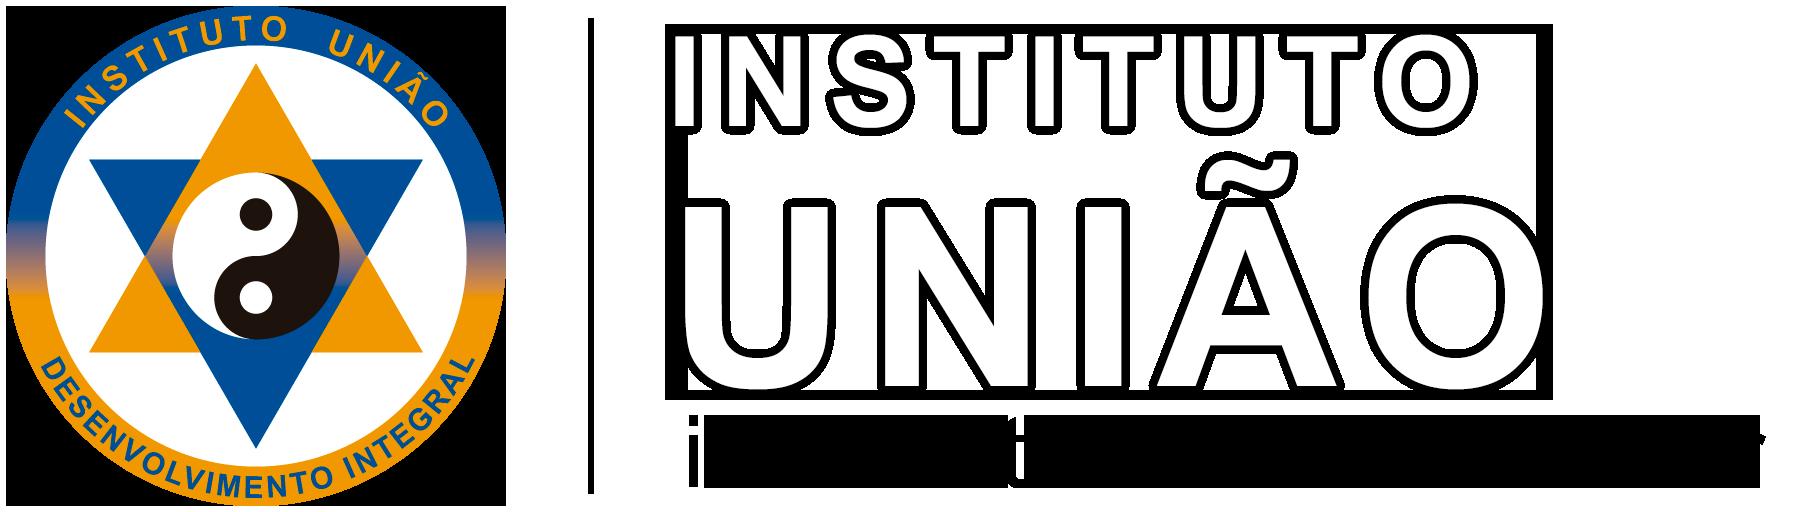 Instituto União